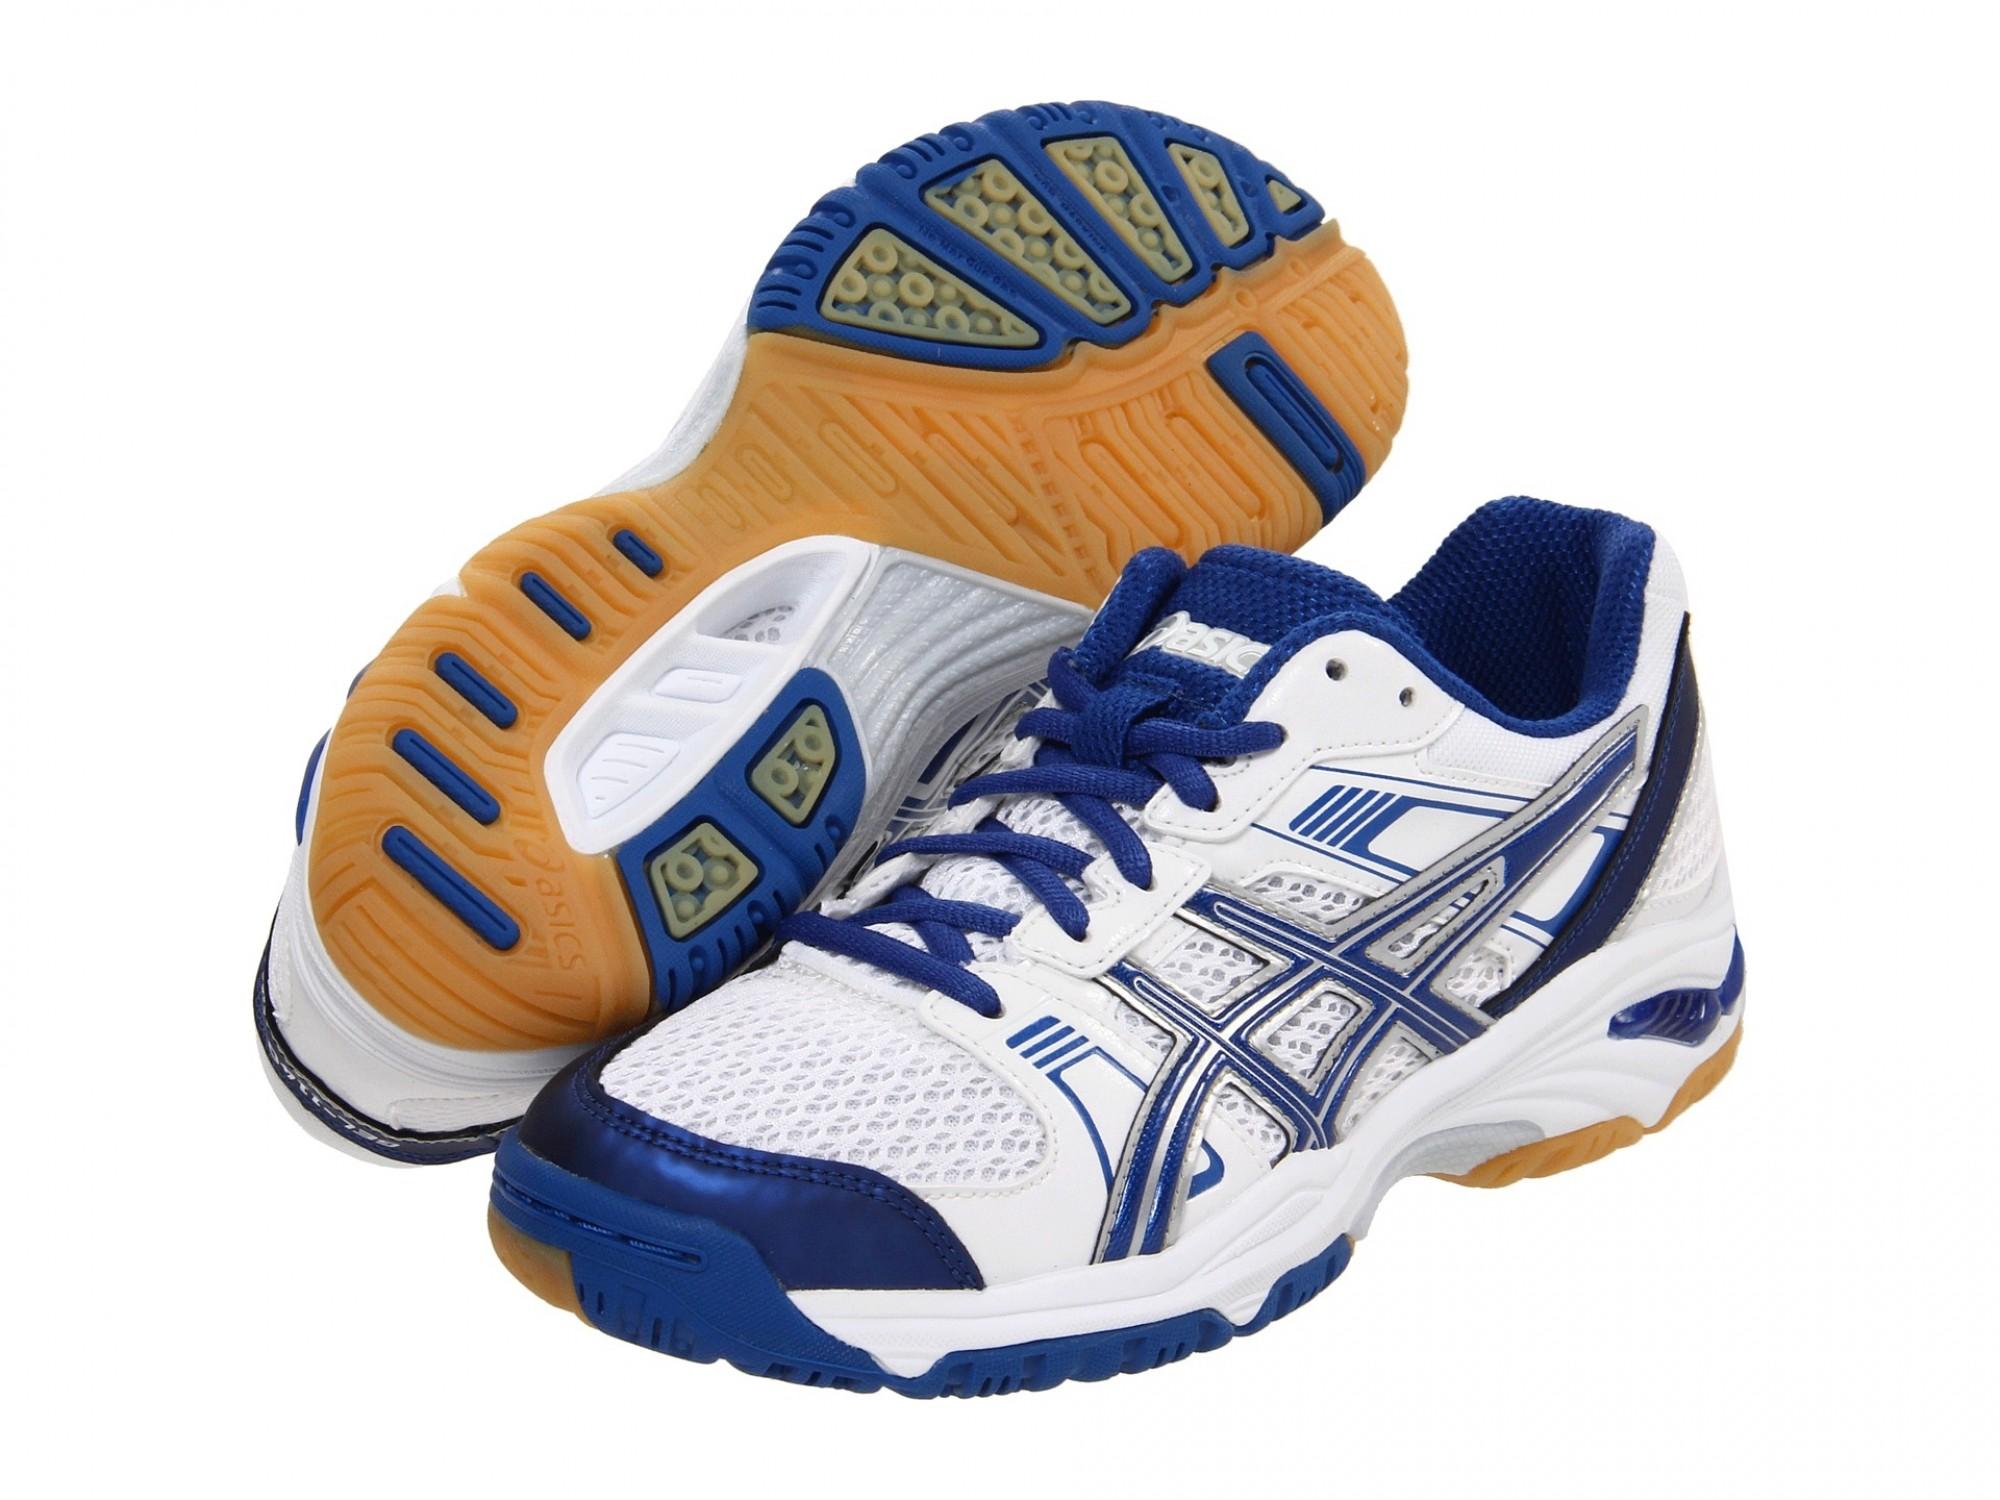 Купить волейбольные кроссовки асикс в киеве дата рождения михаил сенаторов центробанк